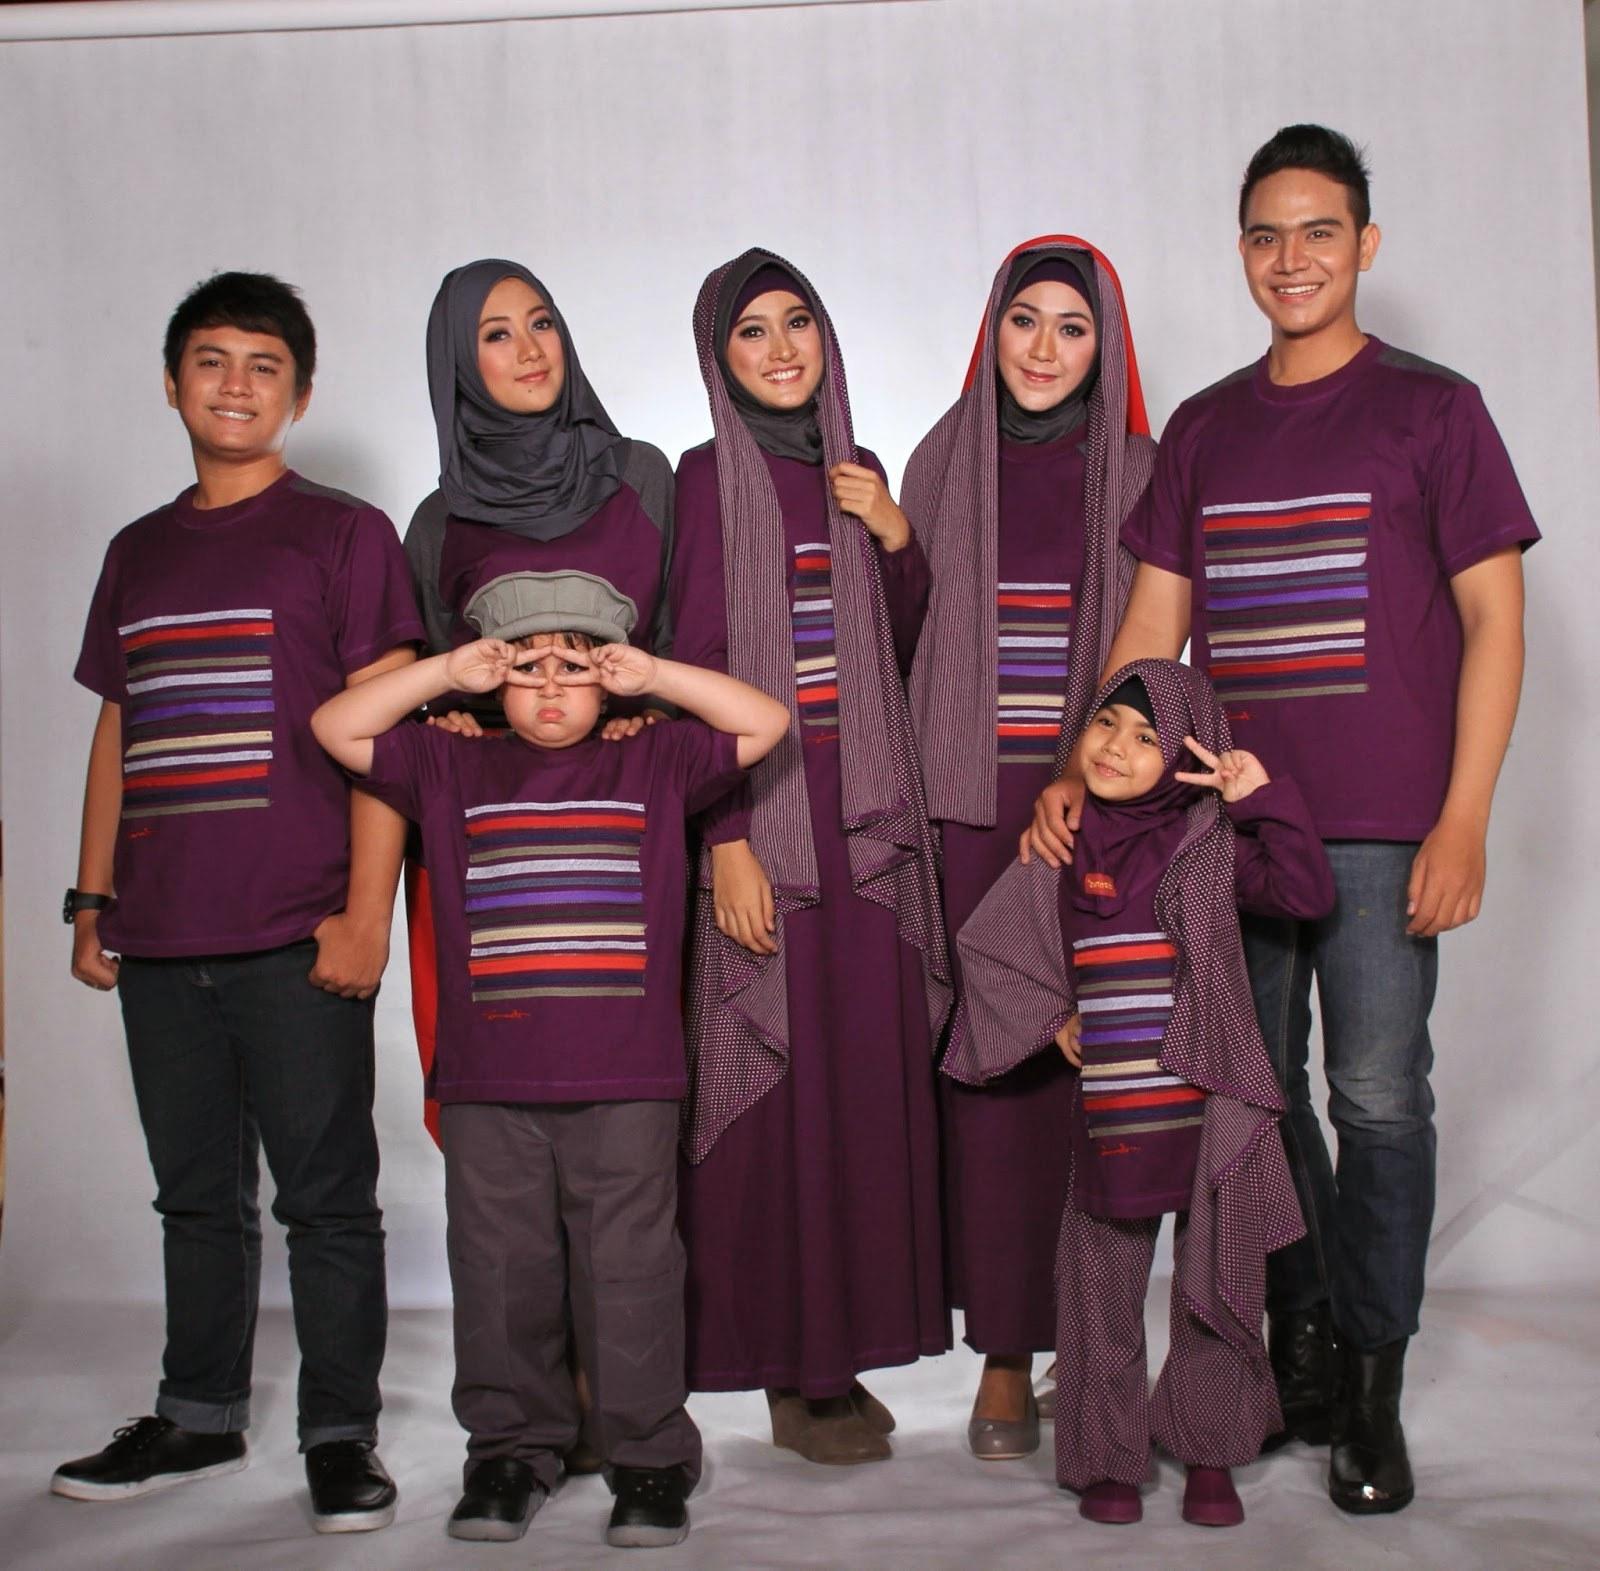 Bentuk Baju Lebaran Keluarga 2020 T8dj Model Baju Keluarga Untuk Hari Raya Lebaran 2018